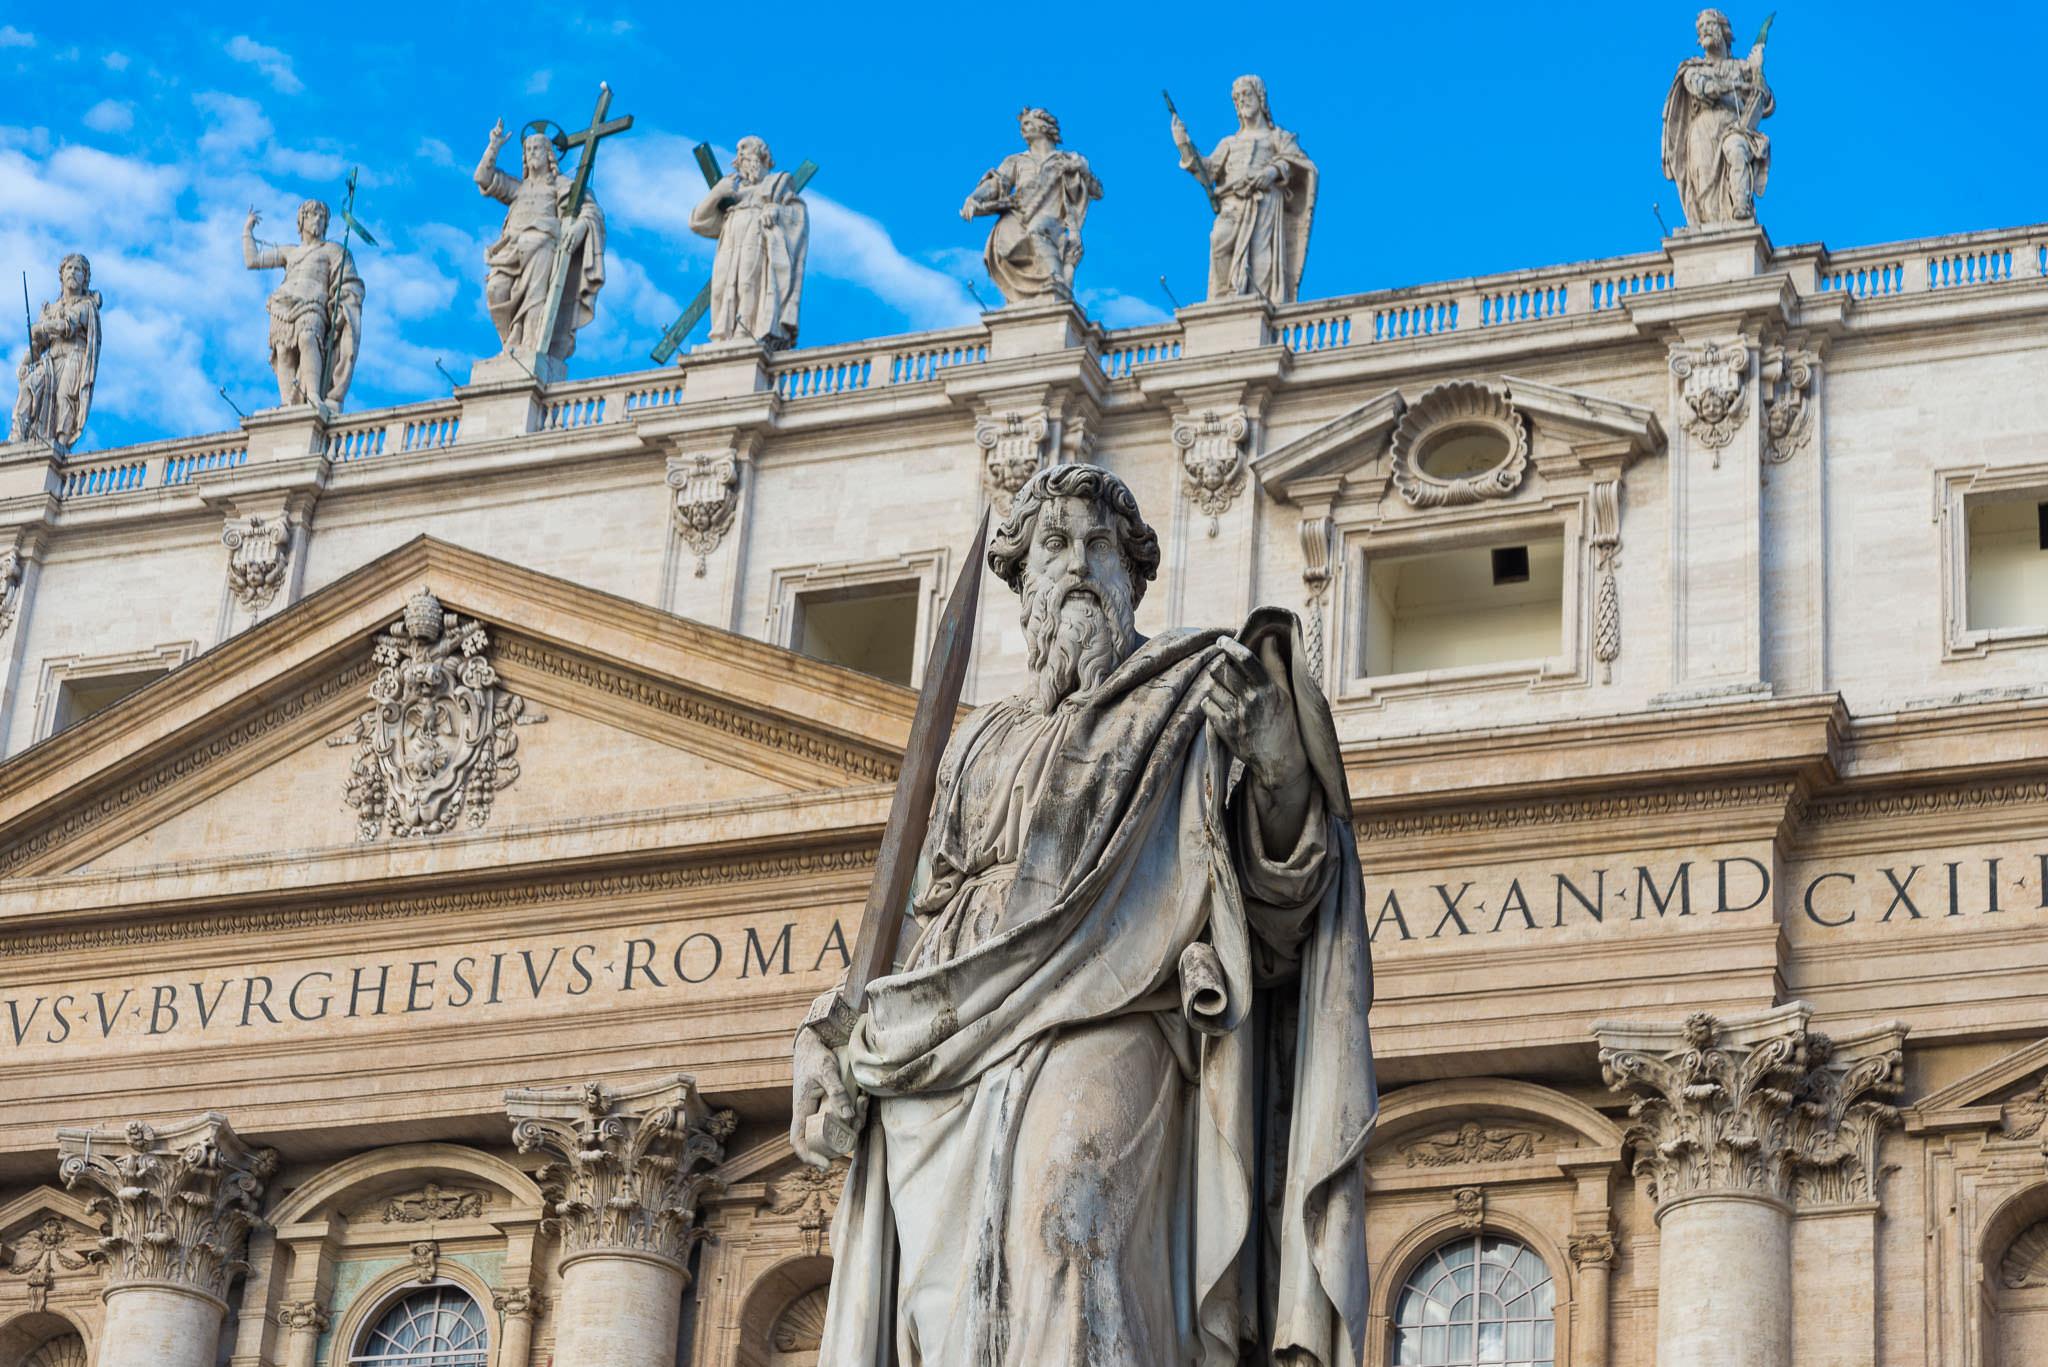 Cada año se organiza la Semana de Oración por la Unidad de los Cristianos, para reflexionar sobre las distintas confesiones y rezar por la unidad.